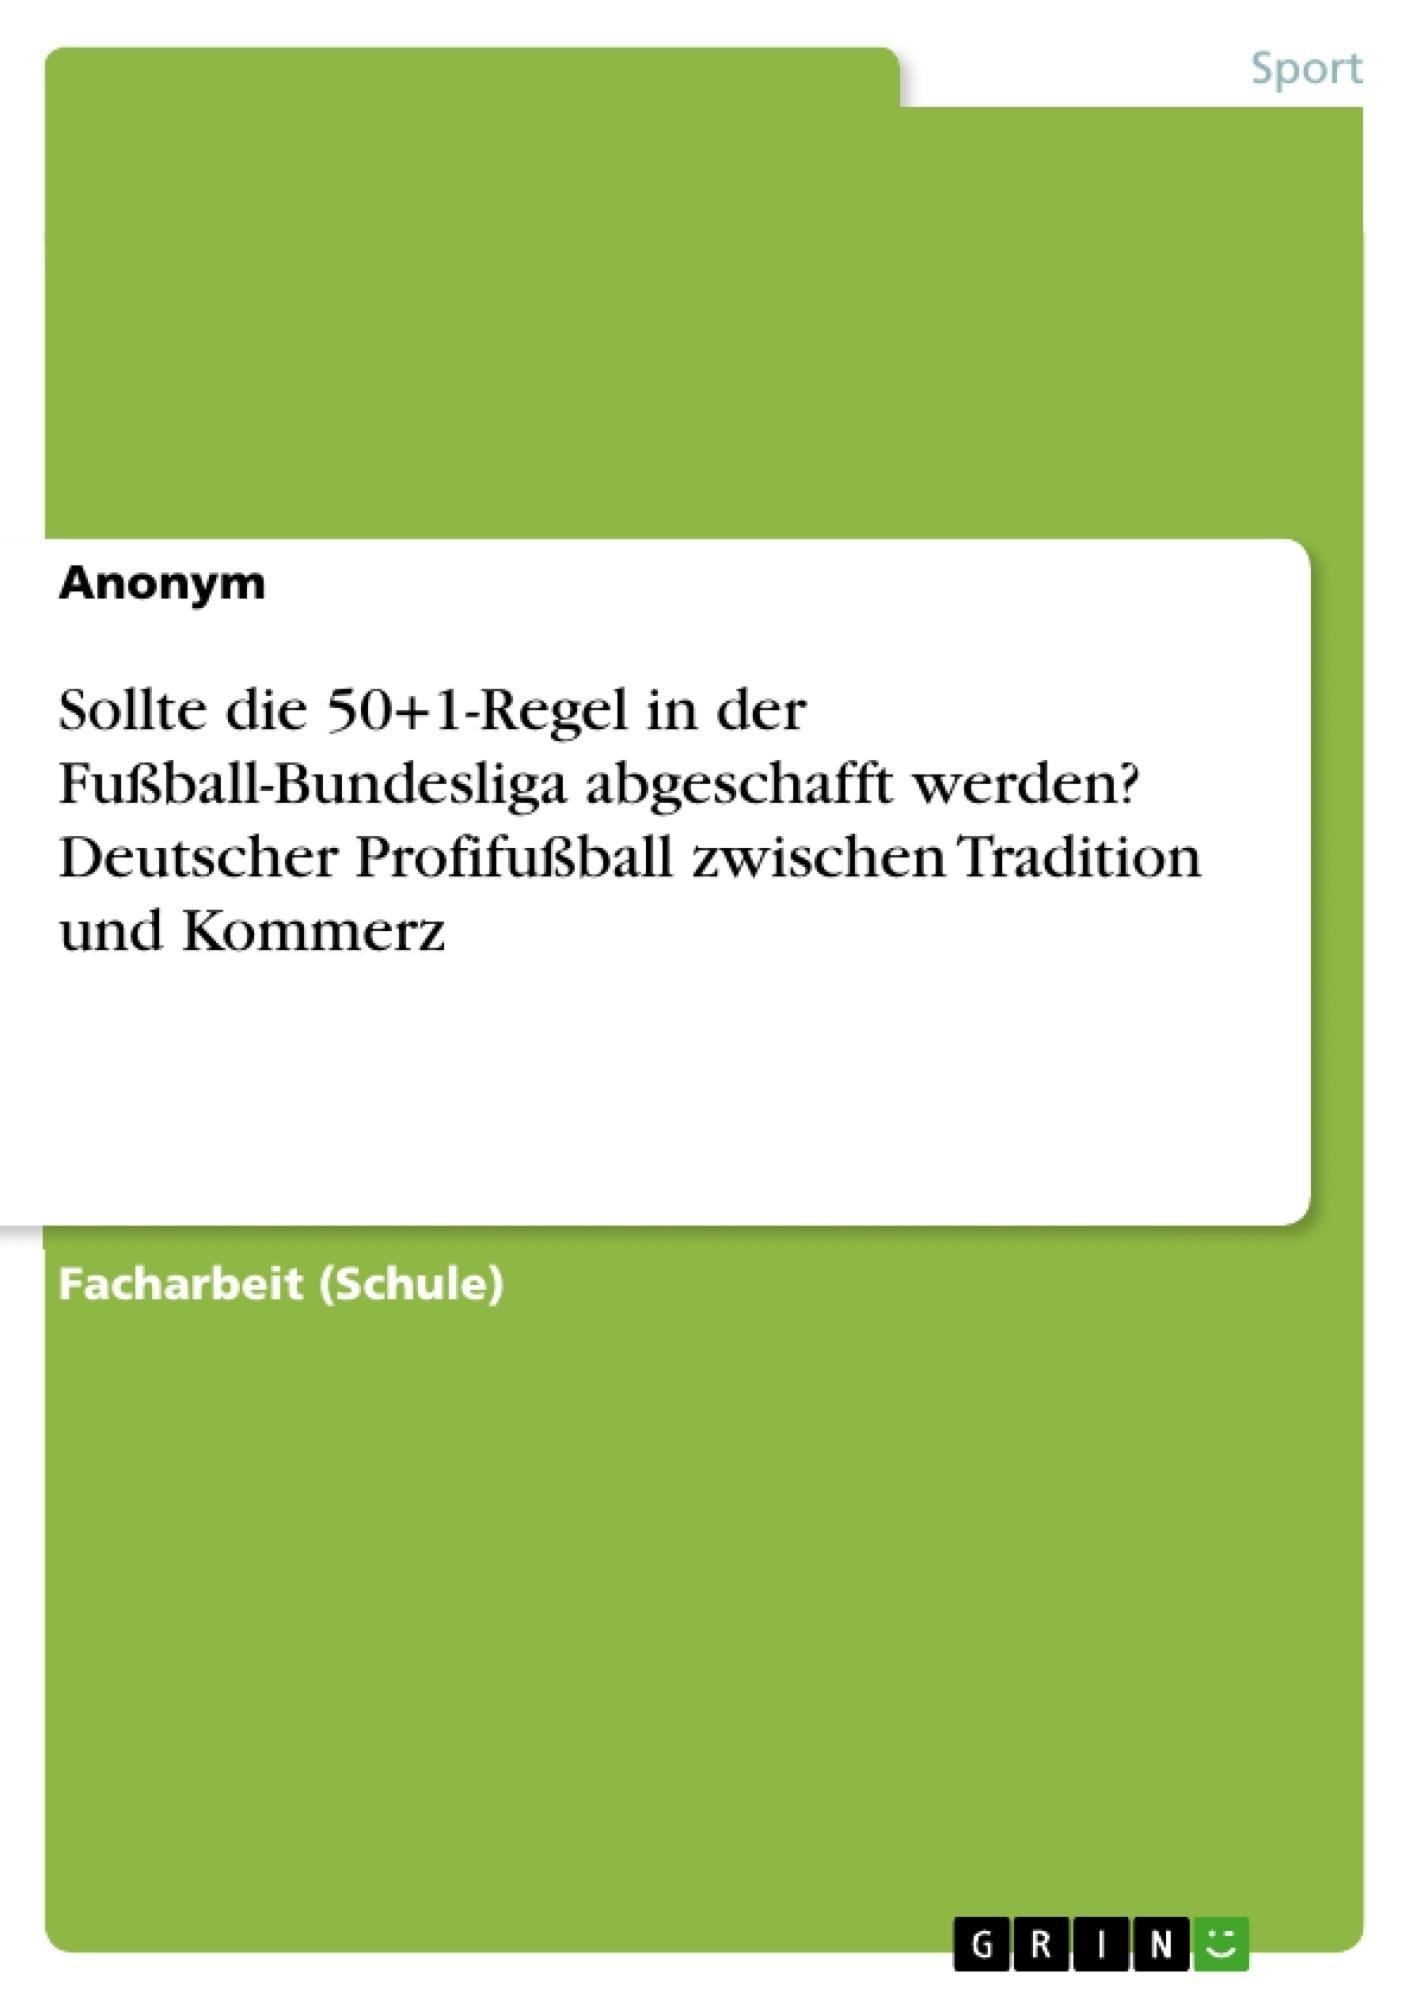 Titel: Sollte die 50+1-Regel in der Fußball-Bundesliga abgeschafft werden? Deutscher Profifußball zwischen Tradition und Kommerz